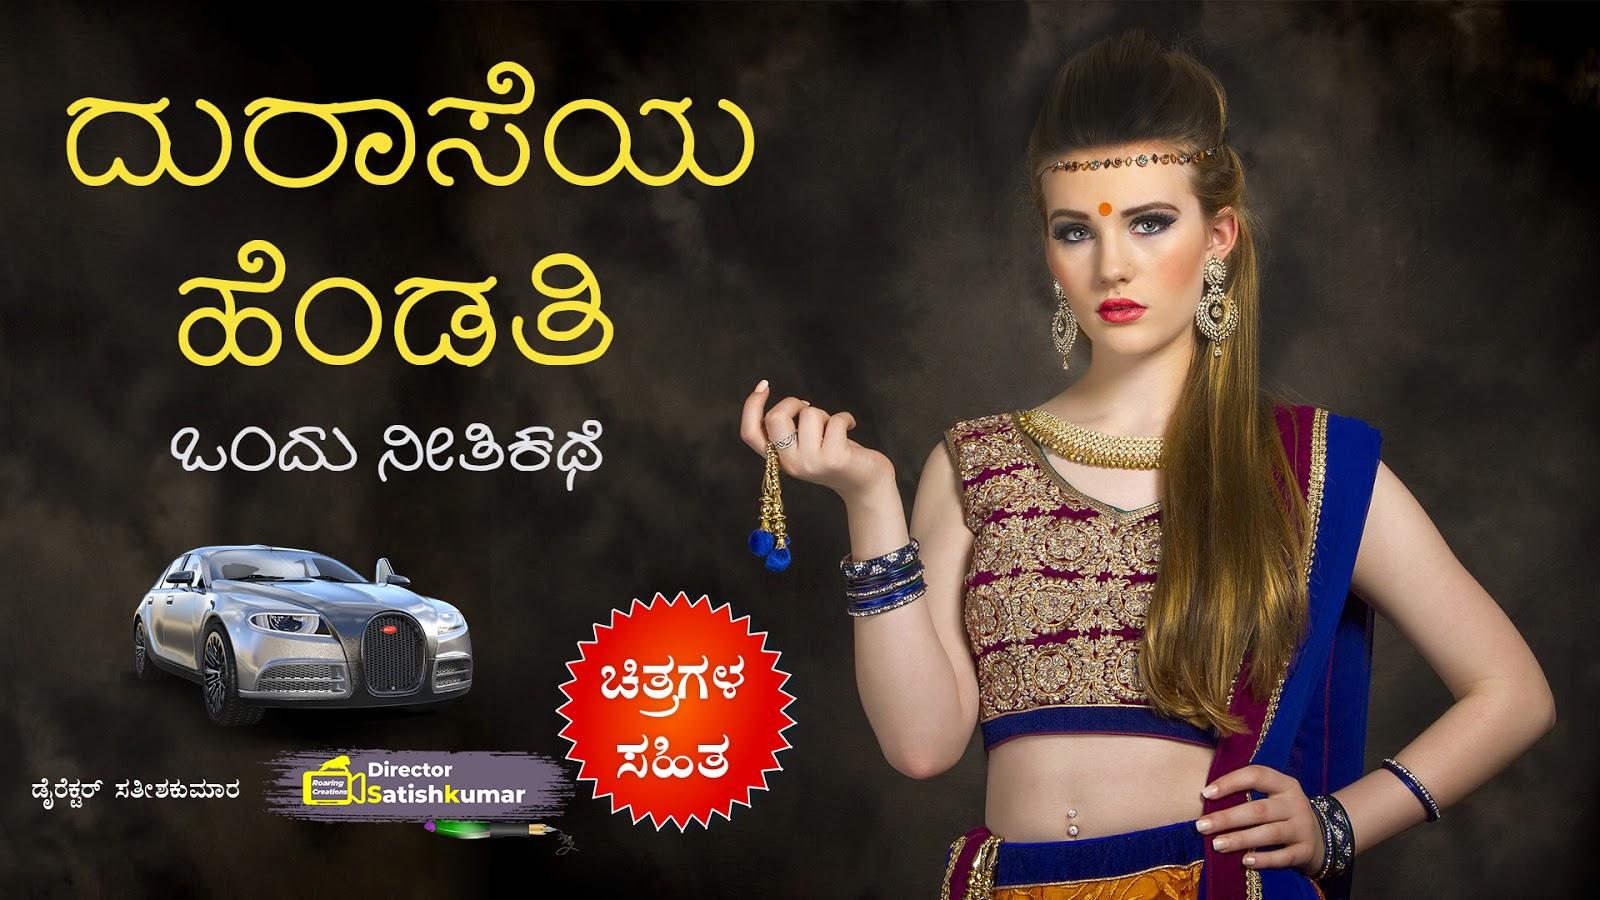 ದುರಾಸೆಯ ಹೆಂಡತಿ : ಒಂದು ನೀತಿಕಥೆ - Kannada Moral Story